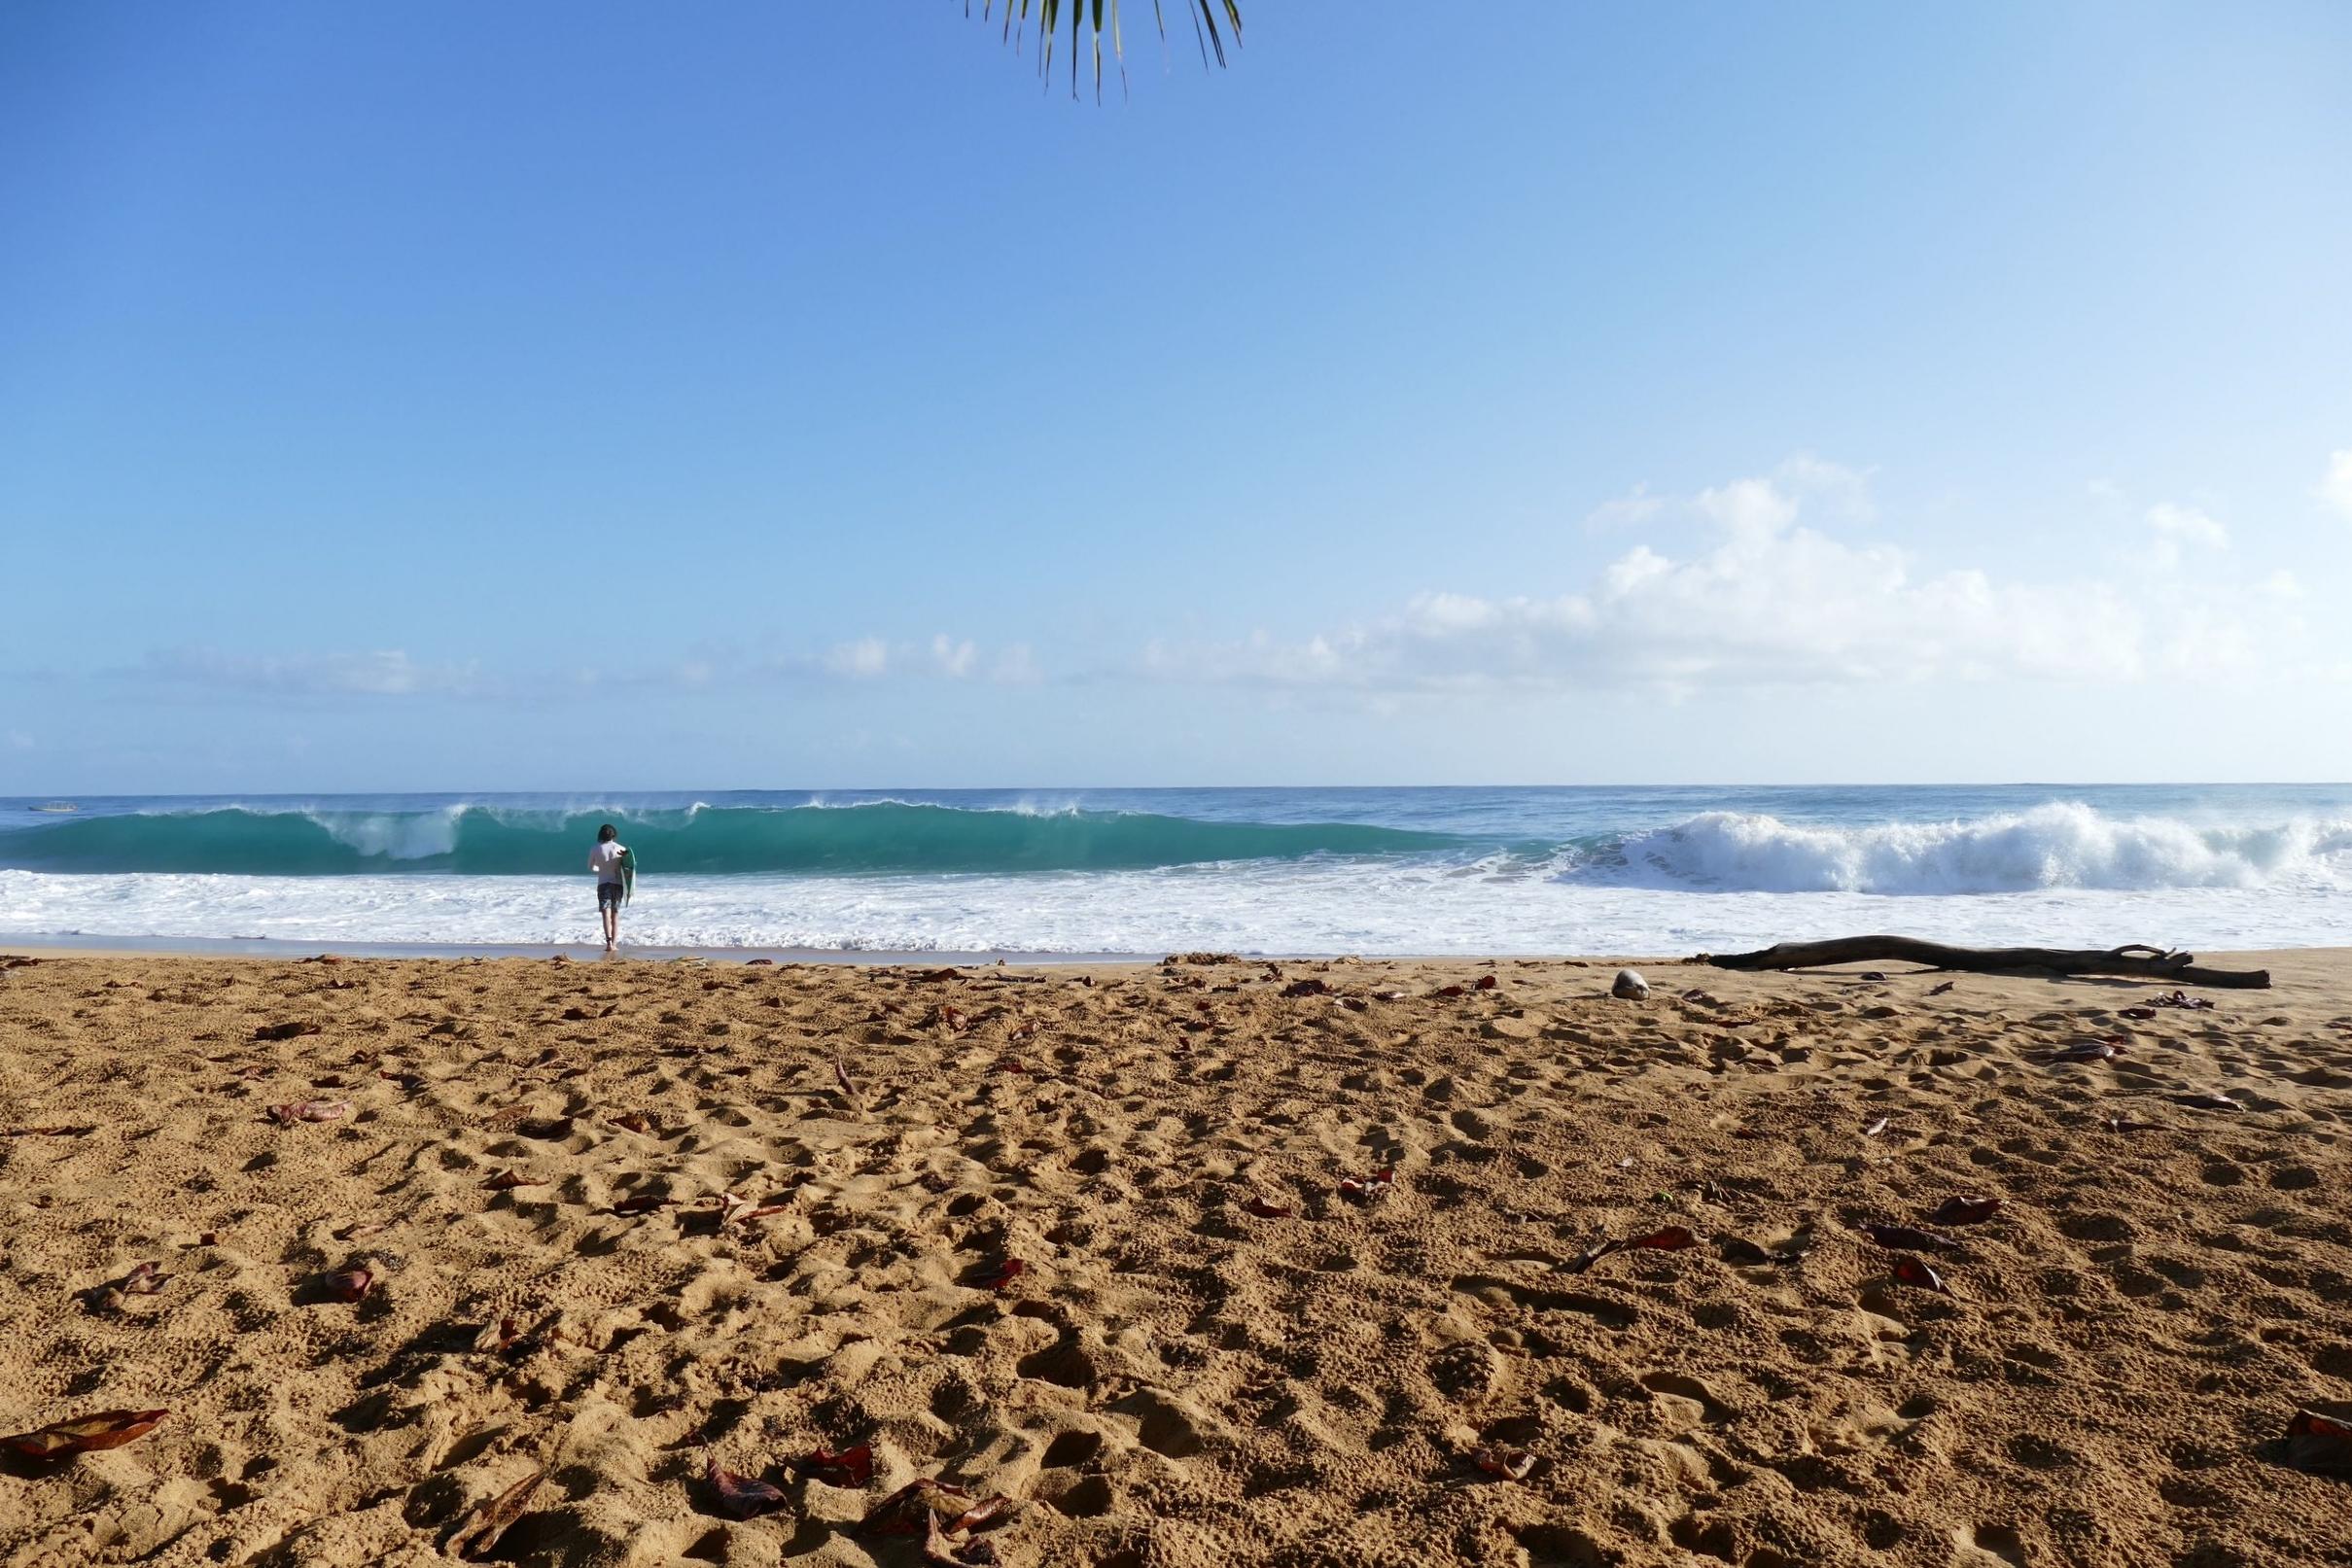 Morning at Playa Bluff, Bocas del Toro